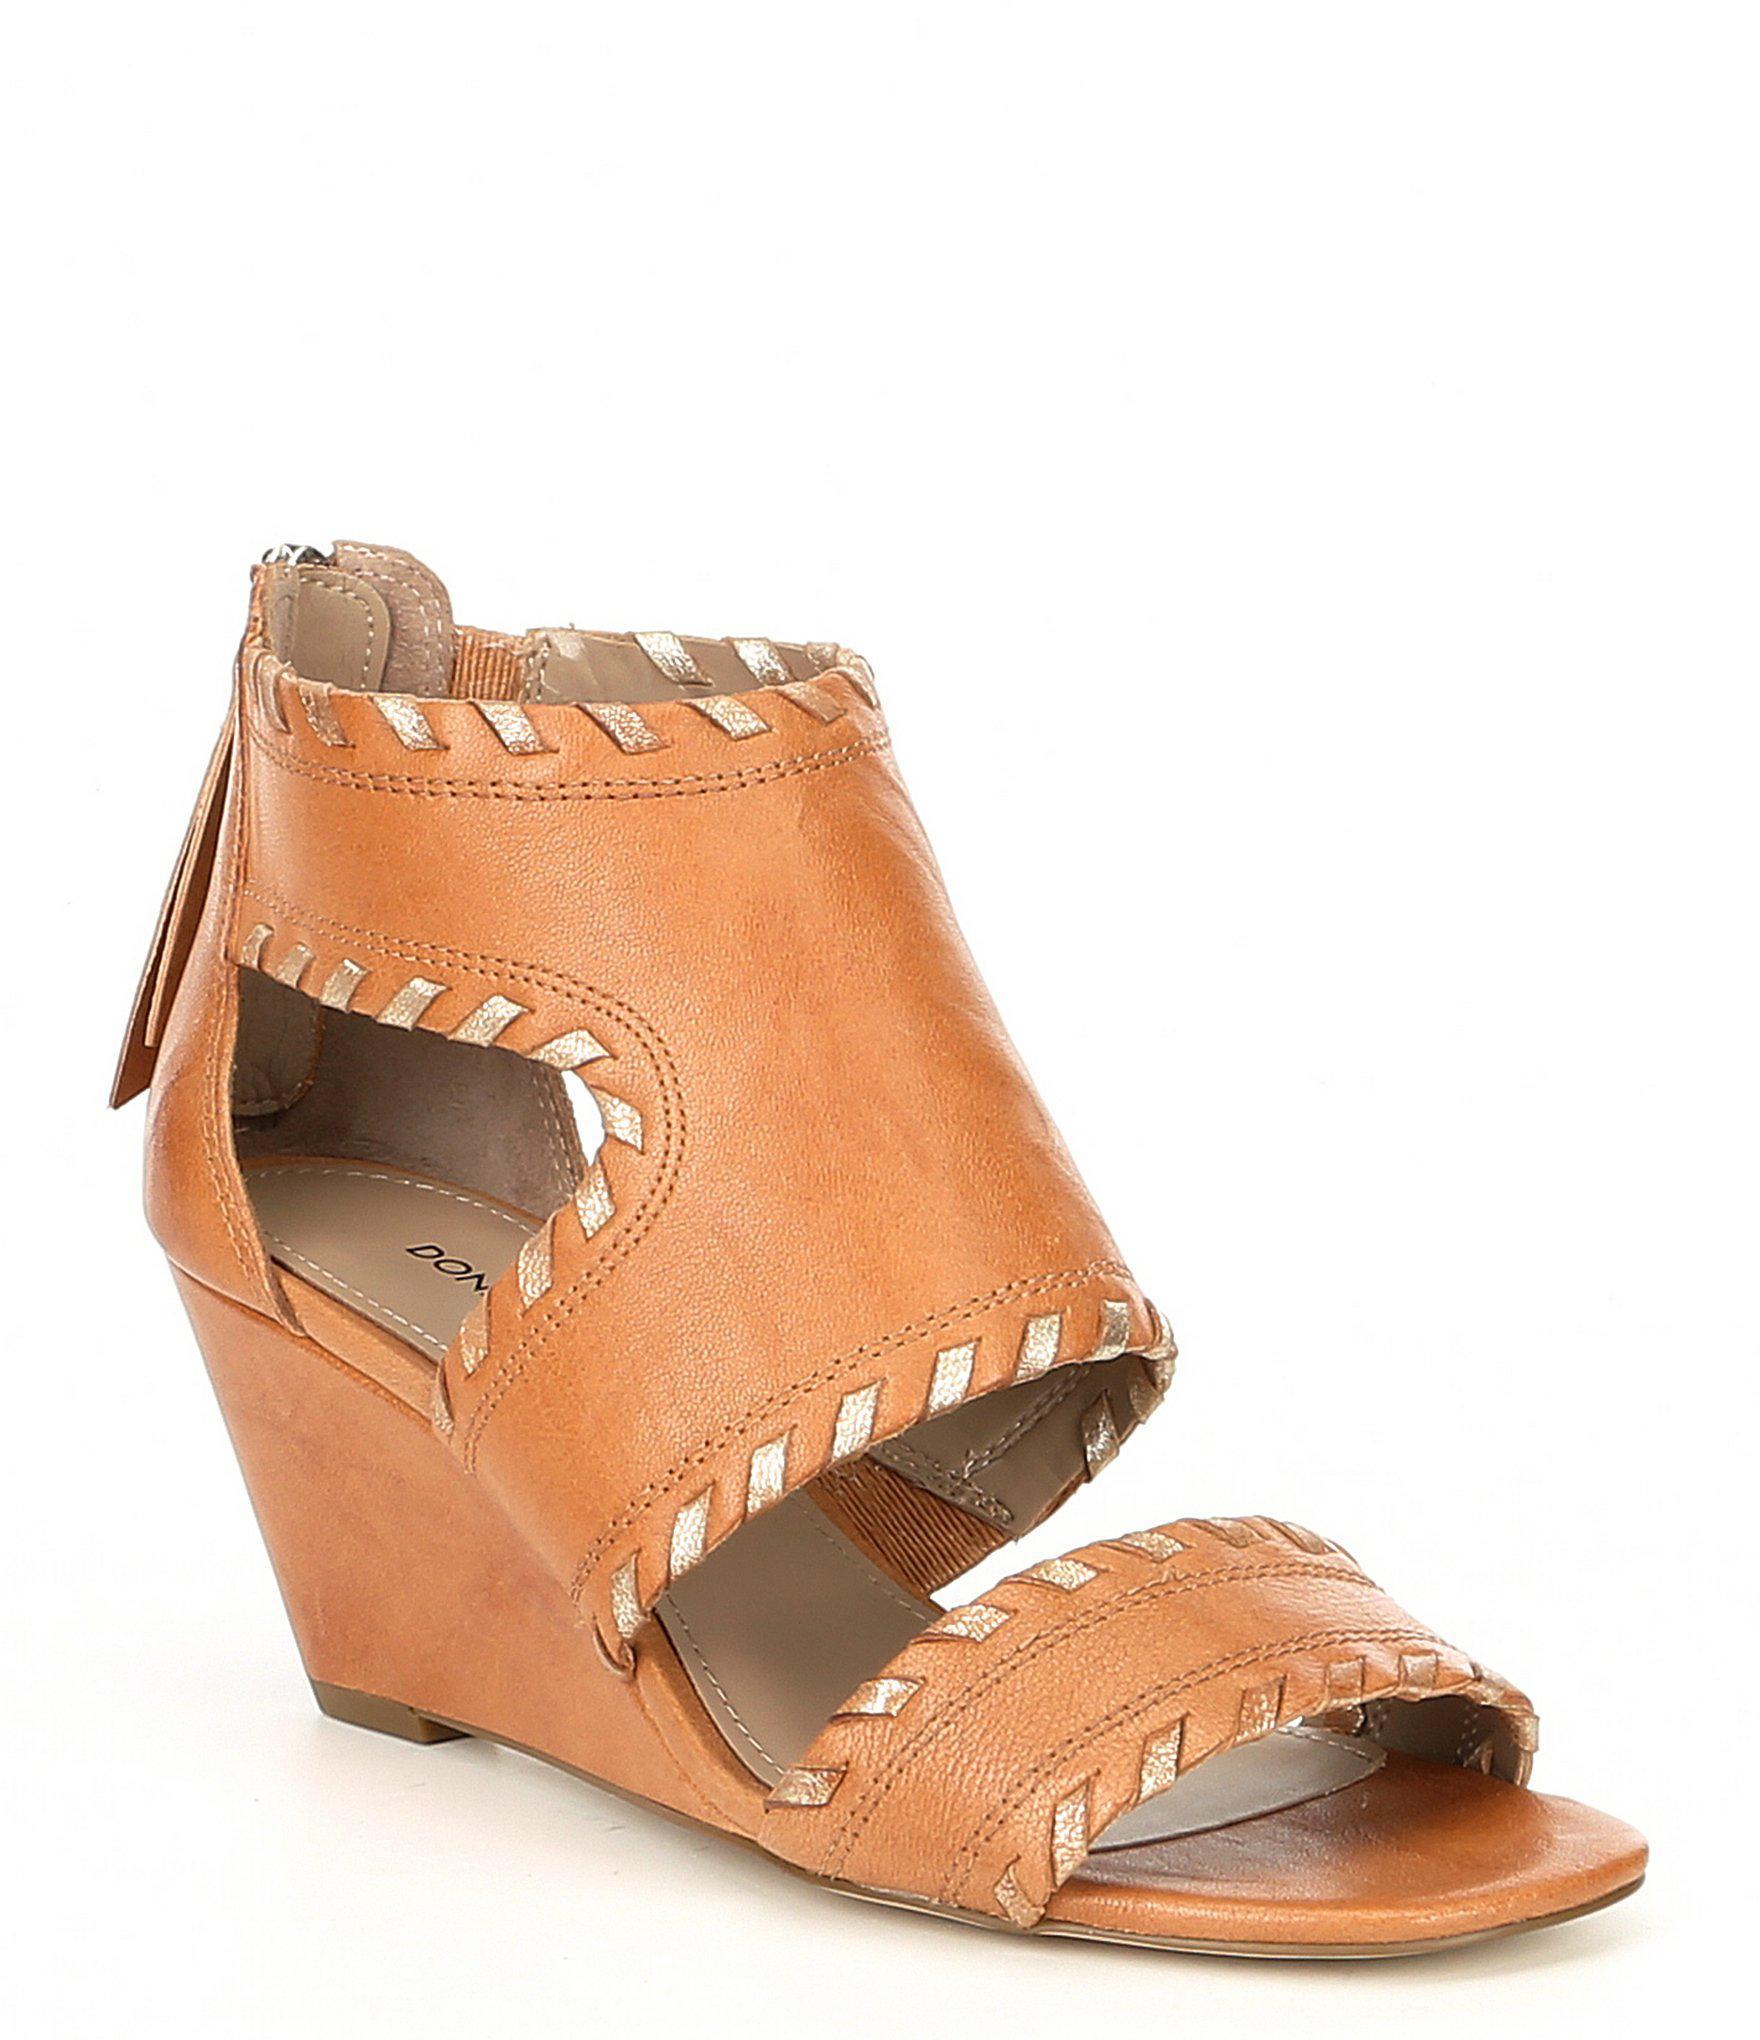 93d08acf89f Lyst - Donald J Pliner Sami Vintage Leather Wedge Sandals in Natural